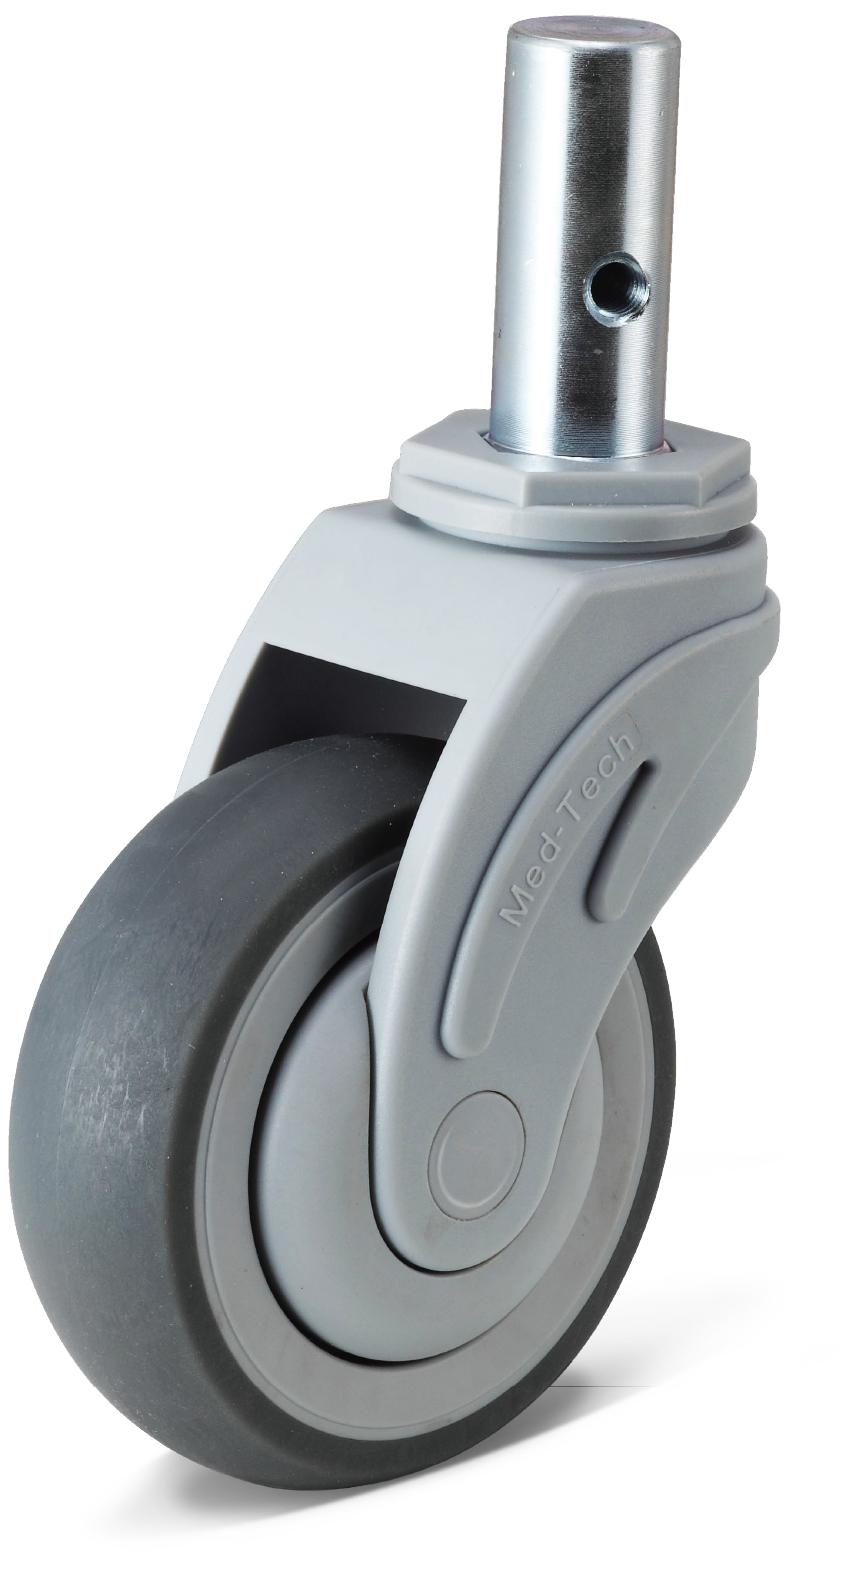 TPR Round Interpole Medical Wheel